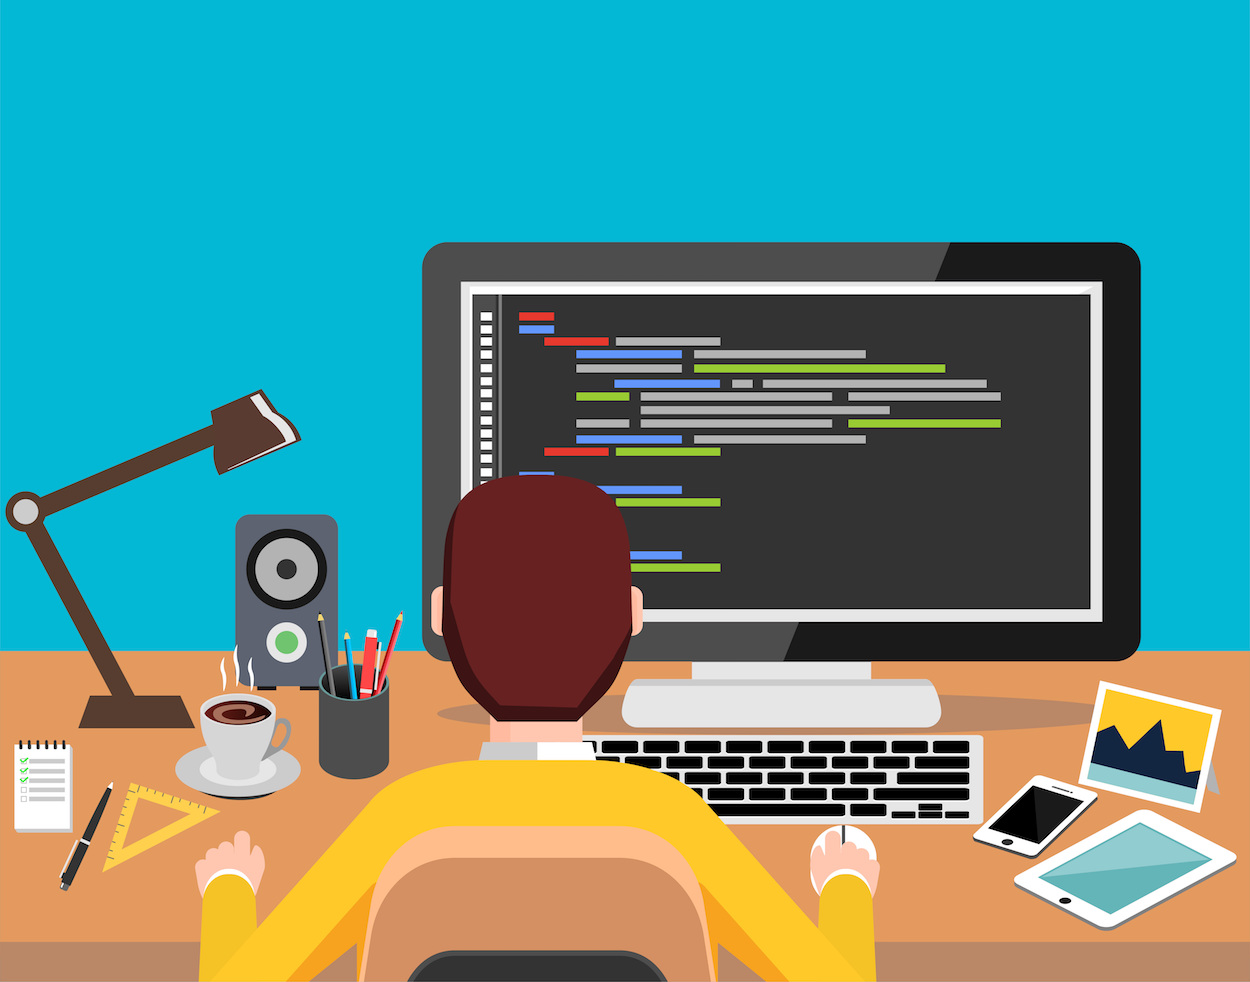 أهم المهارات المطلوبة للعمل عبر الانترنت